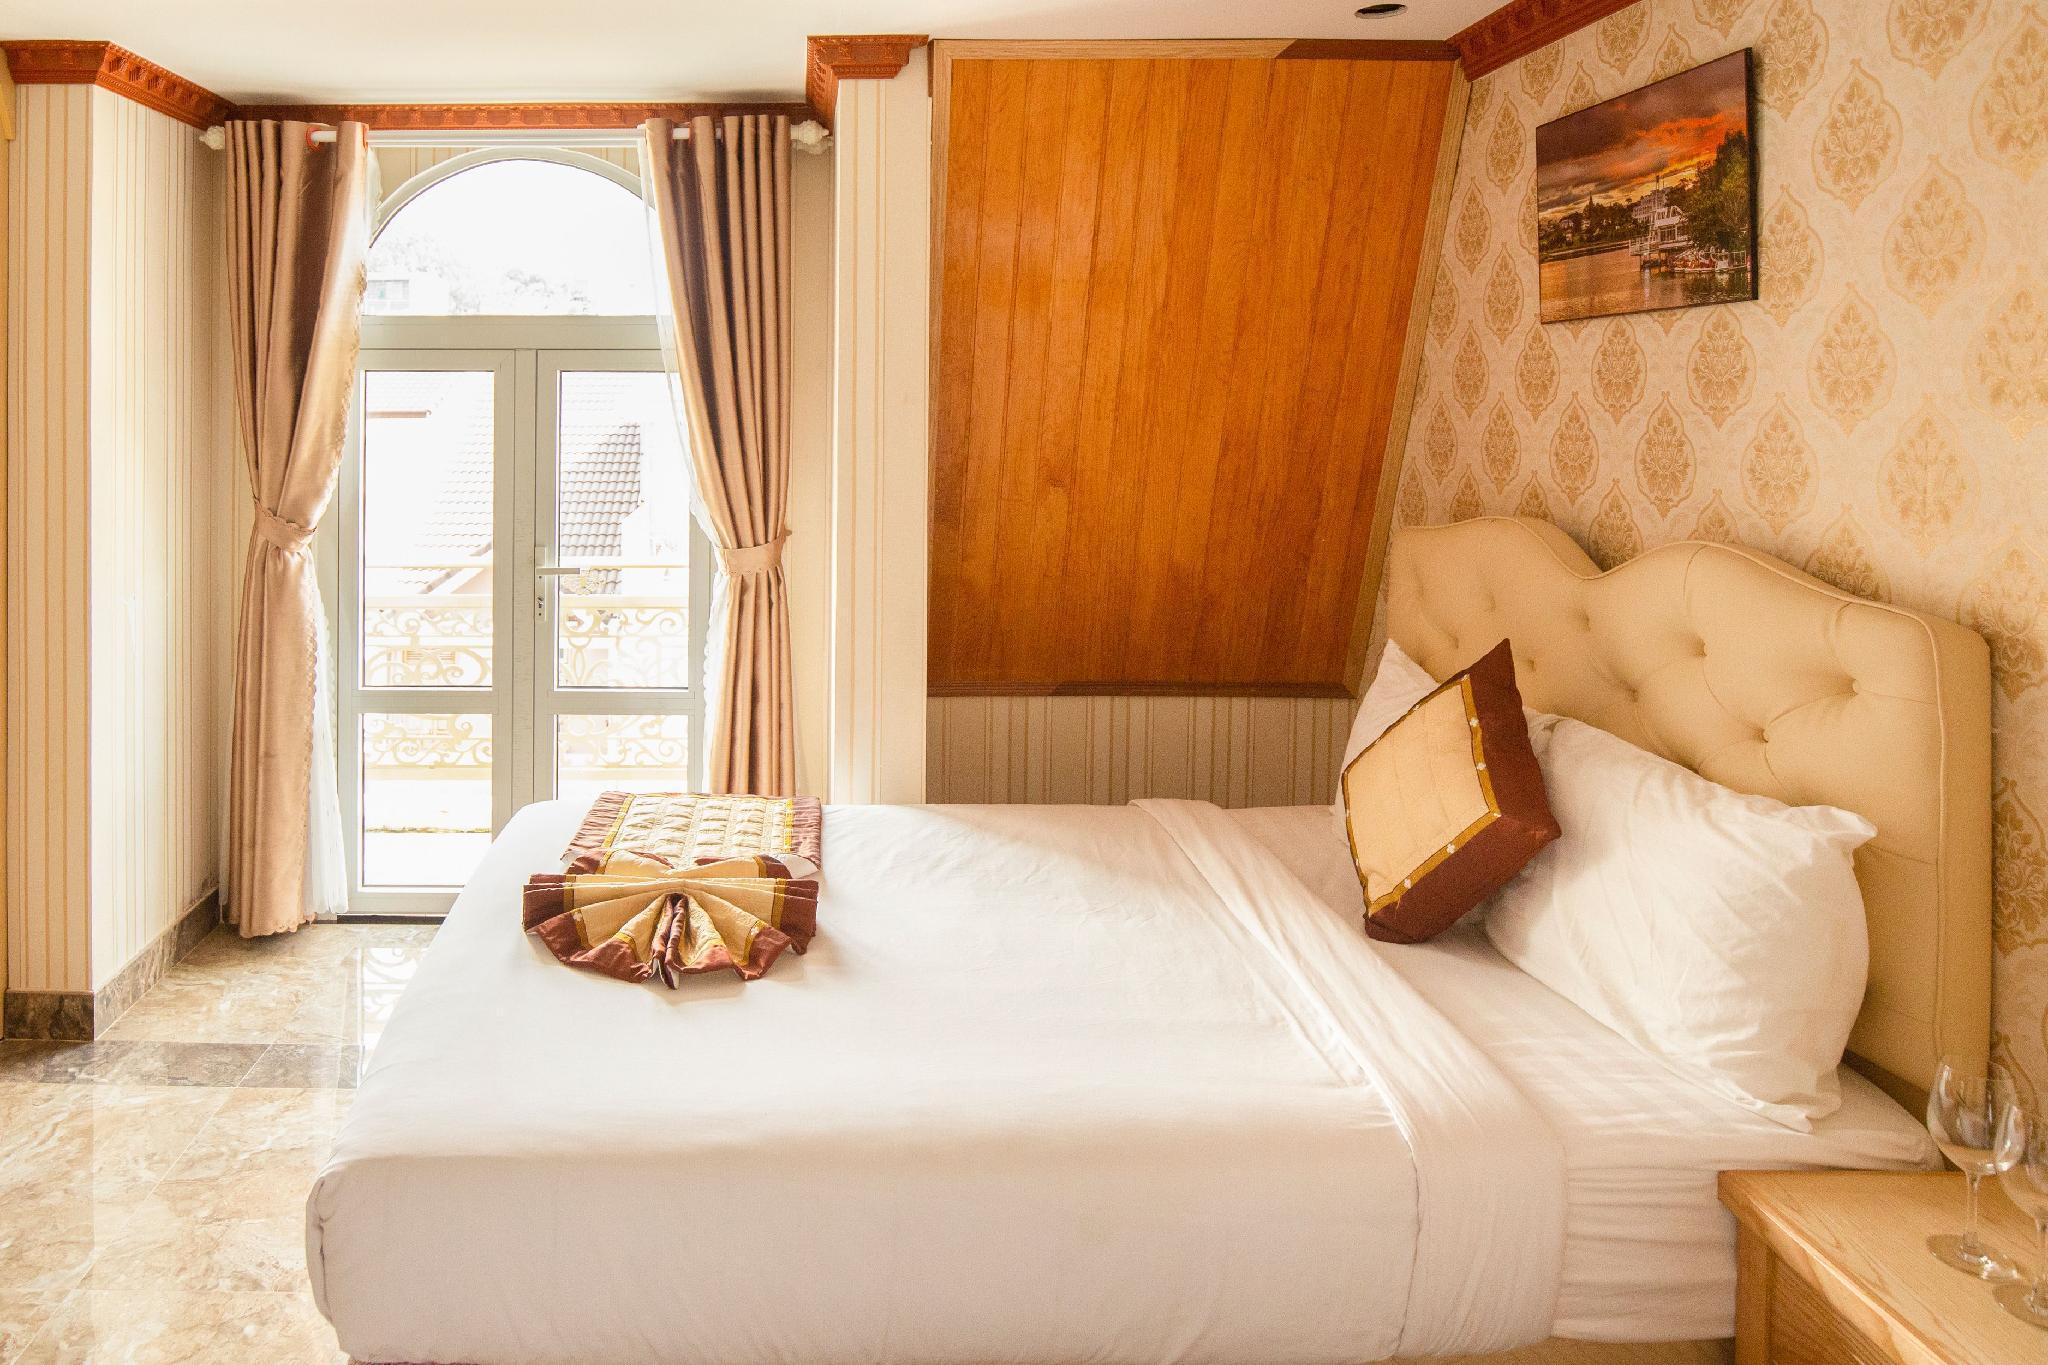 Hong Man Dalat Hotel